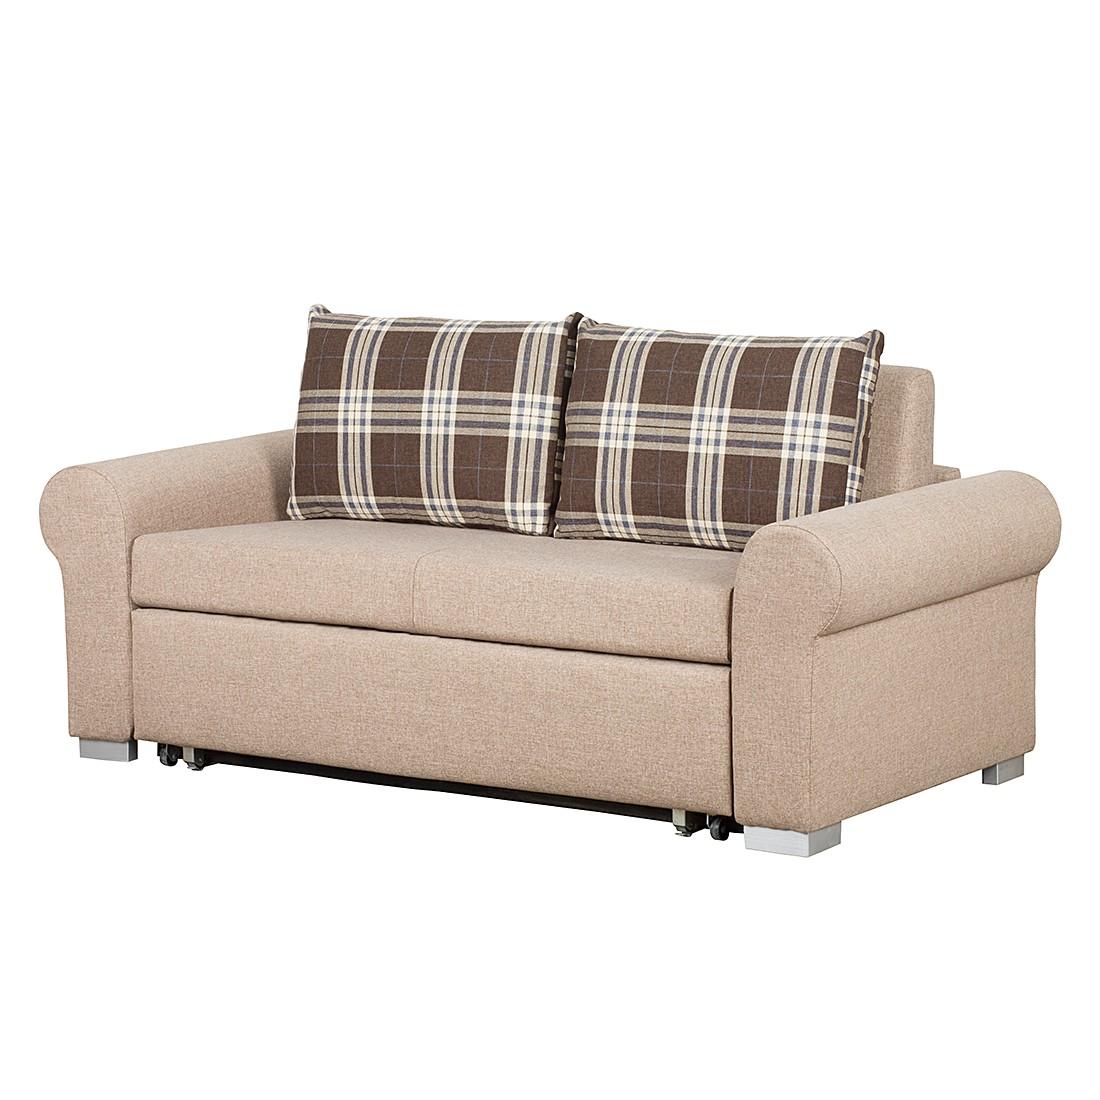 sofa schlafsofa maison belfort preisvergleiche erfahrungsberichte und kauf bei nextag. Black Bedroom Furniture Sets. Home Design Ideas